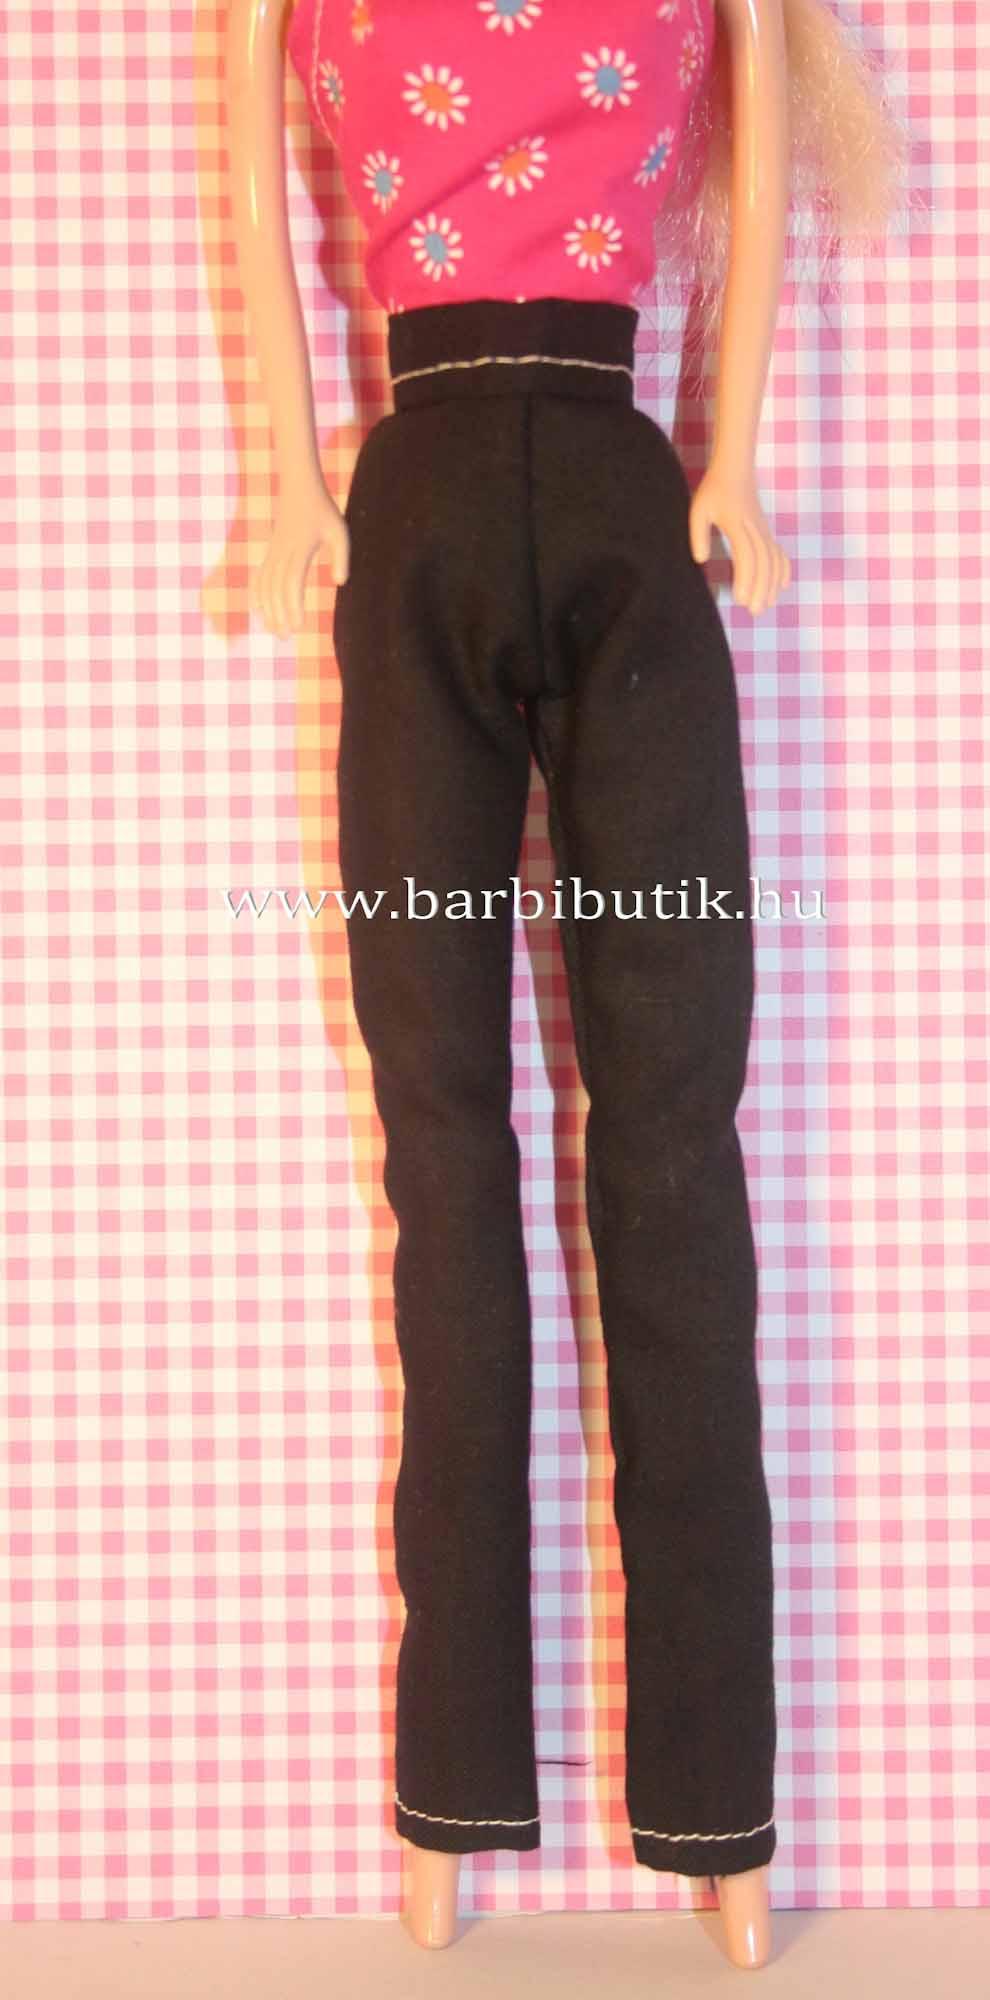 barbie ruha hosszú nadrág